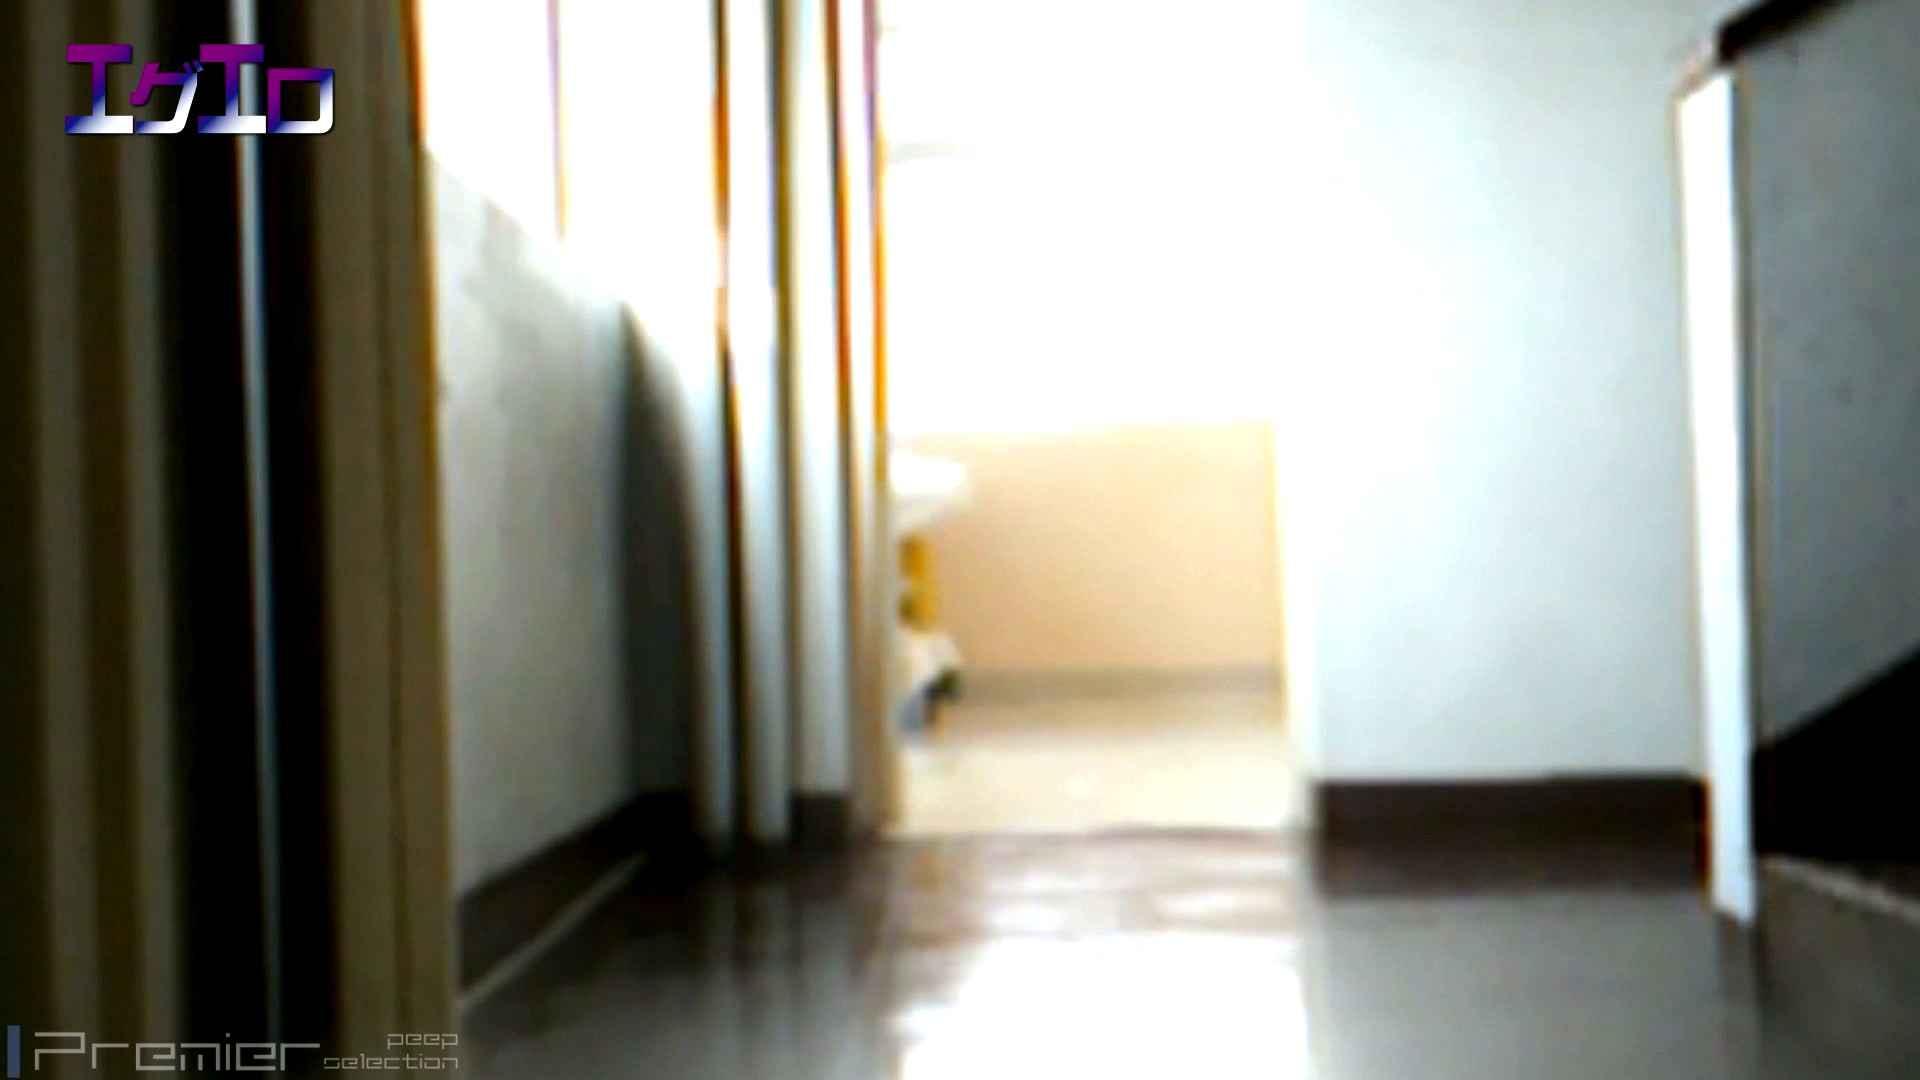 至近距離洗面所 Vol.10ブルージーンズギャルの大放nyo ギャル  59pic 54